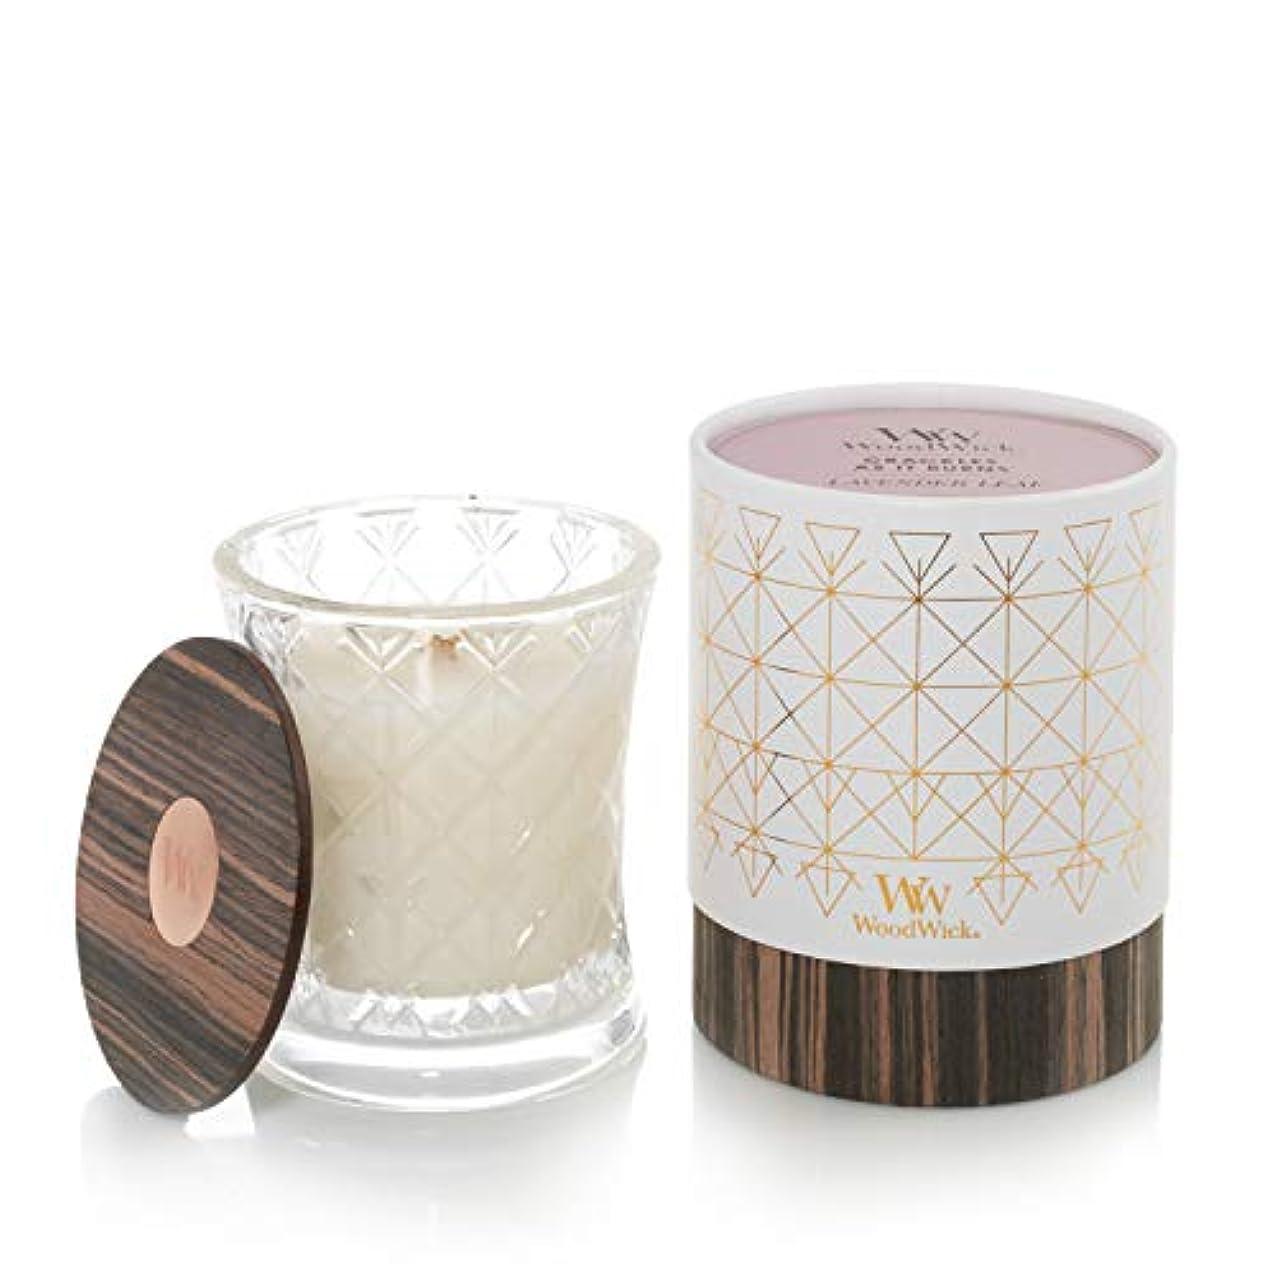 メガロポリス信頼できるヤギラベンダーリーフ – オーラコレクション砂時計WoodWick香りつきJar Candle